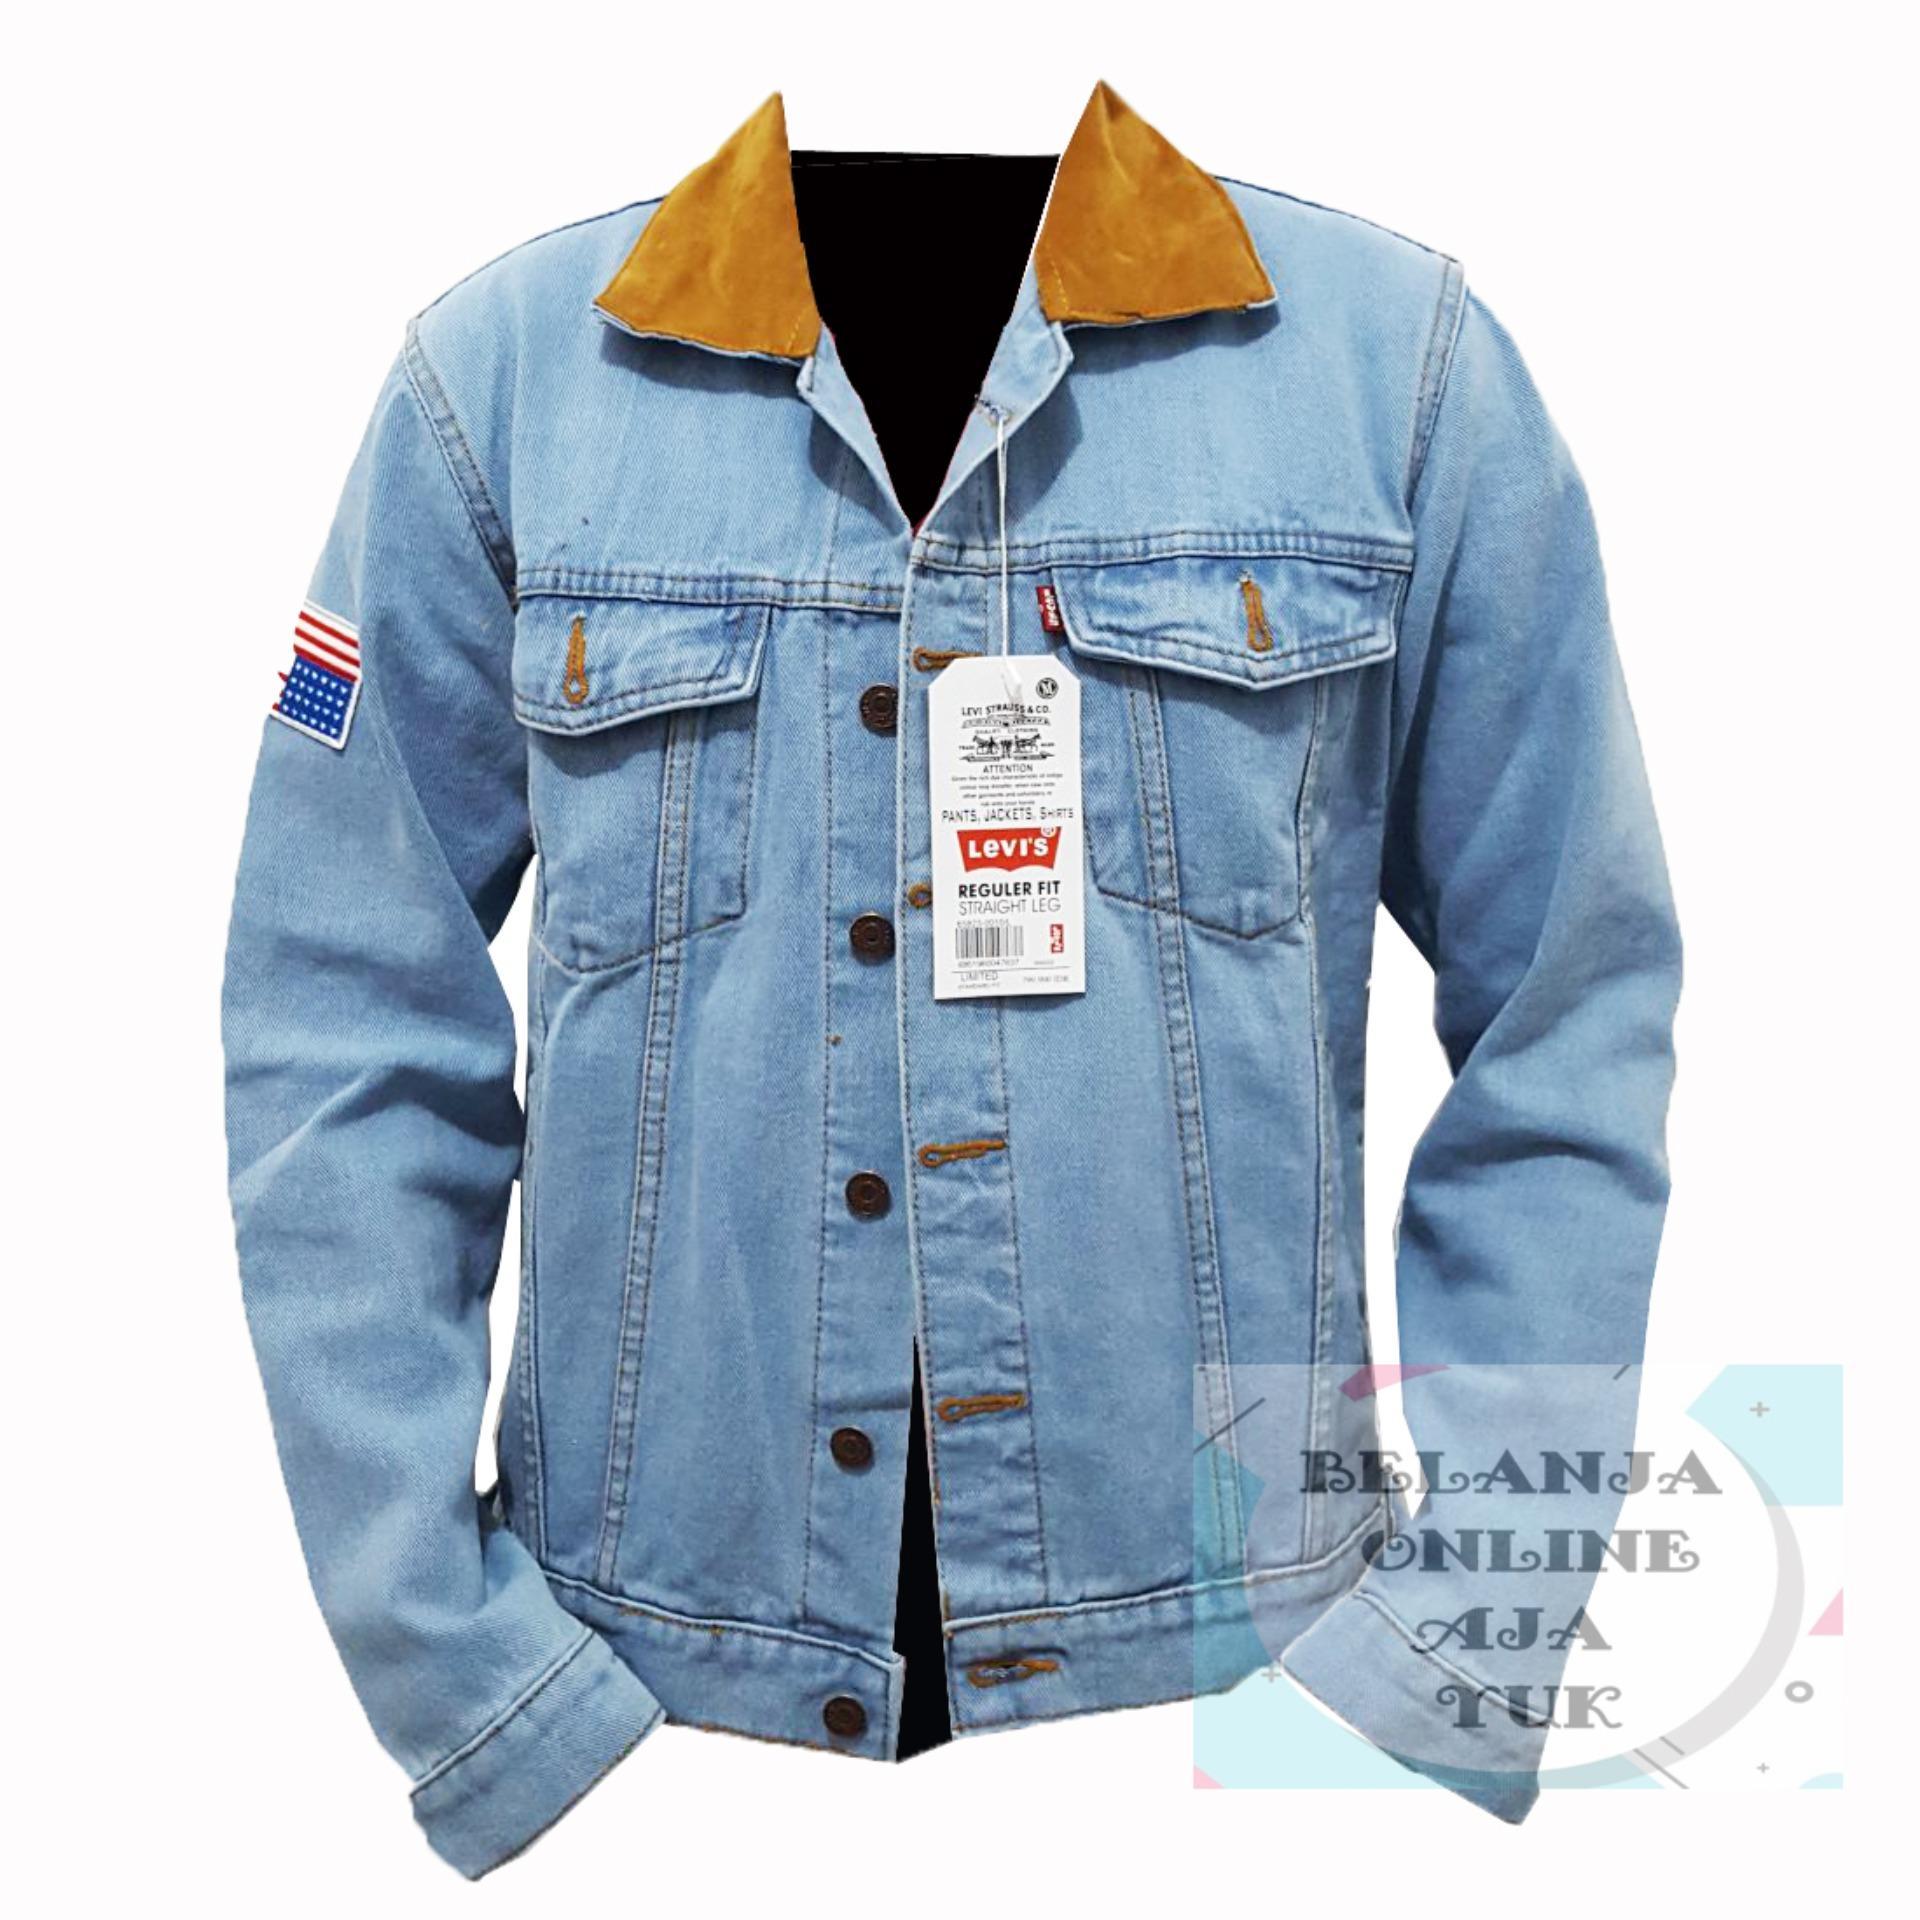 Jaket Jeans Dilan 1990 Cowok Dan Cewek Terlaris Murah Original Original